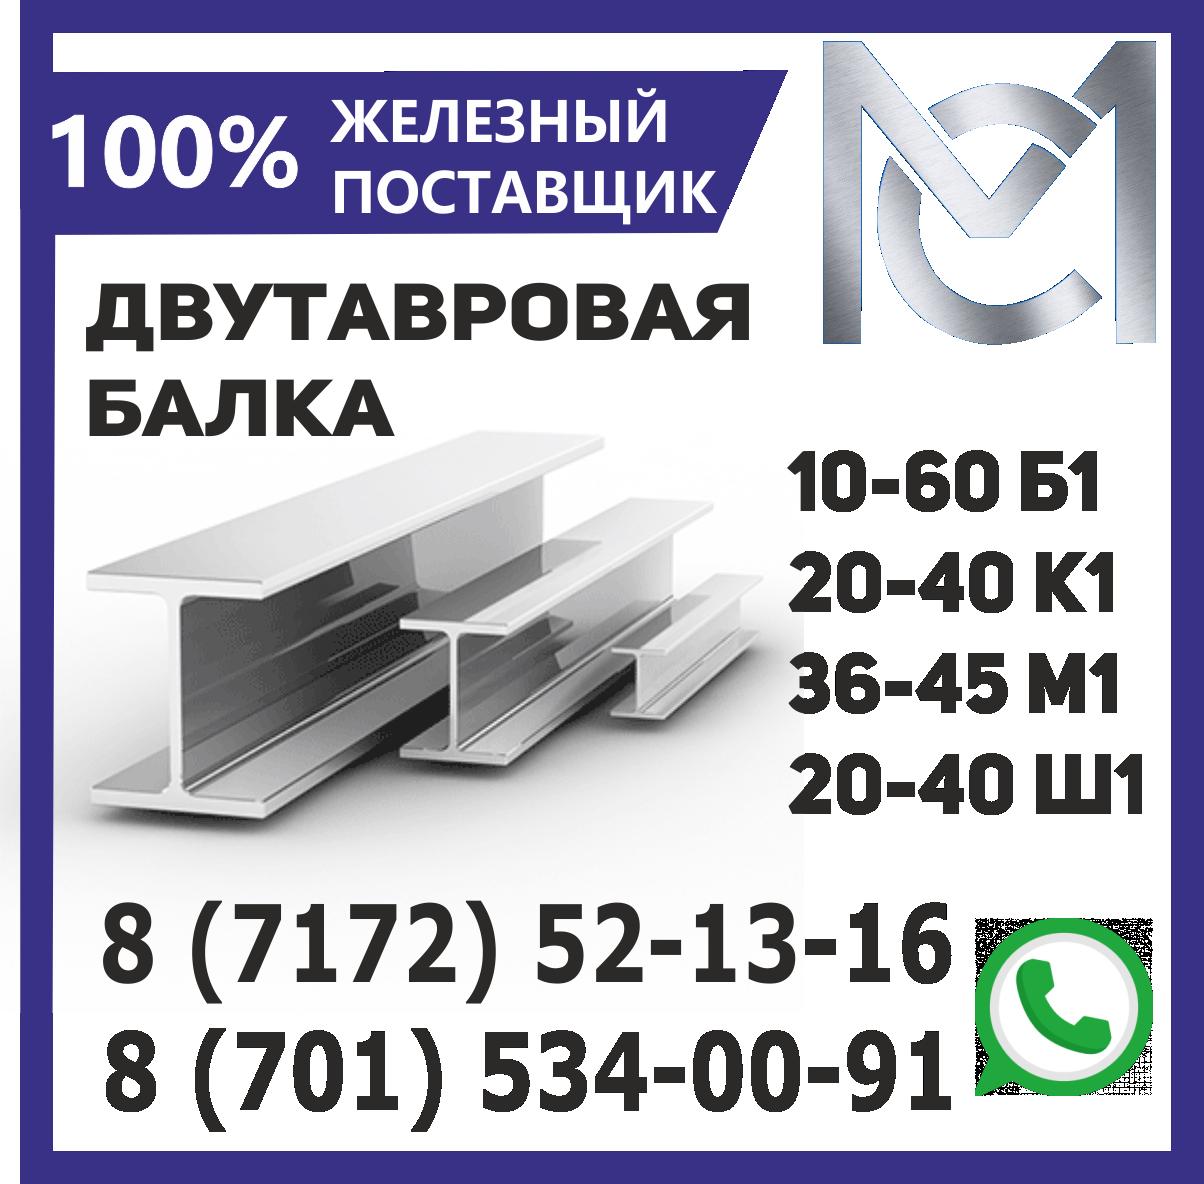 Балка 35 Ш1 двутавровая ГОСТ 8239-93 L 12,0 метров